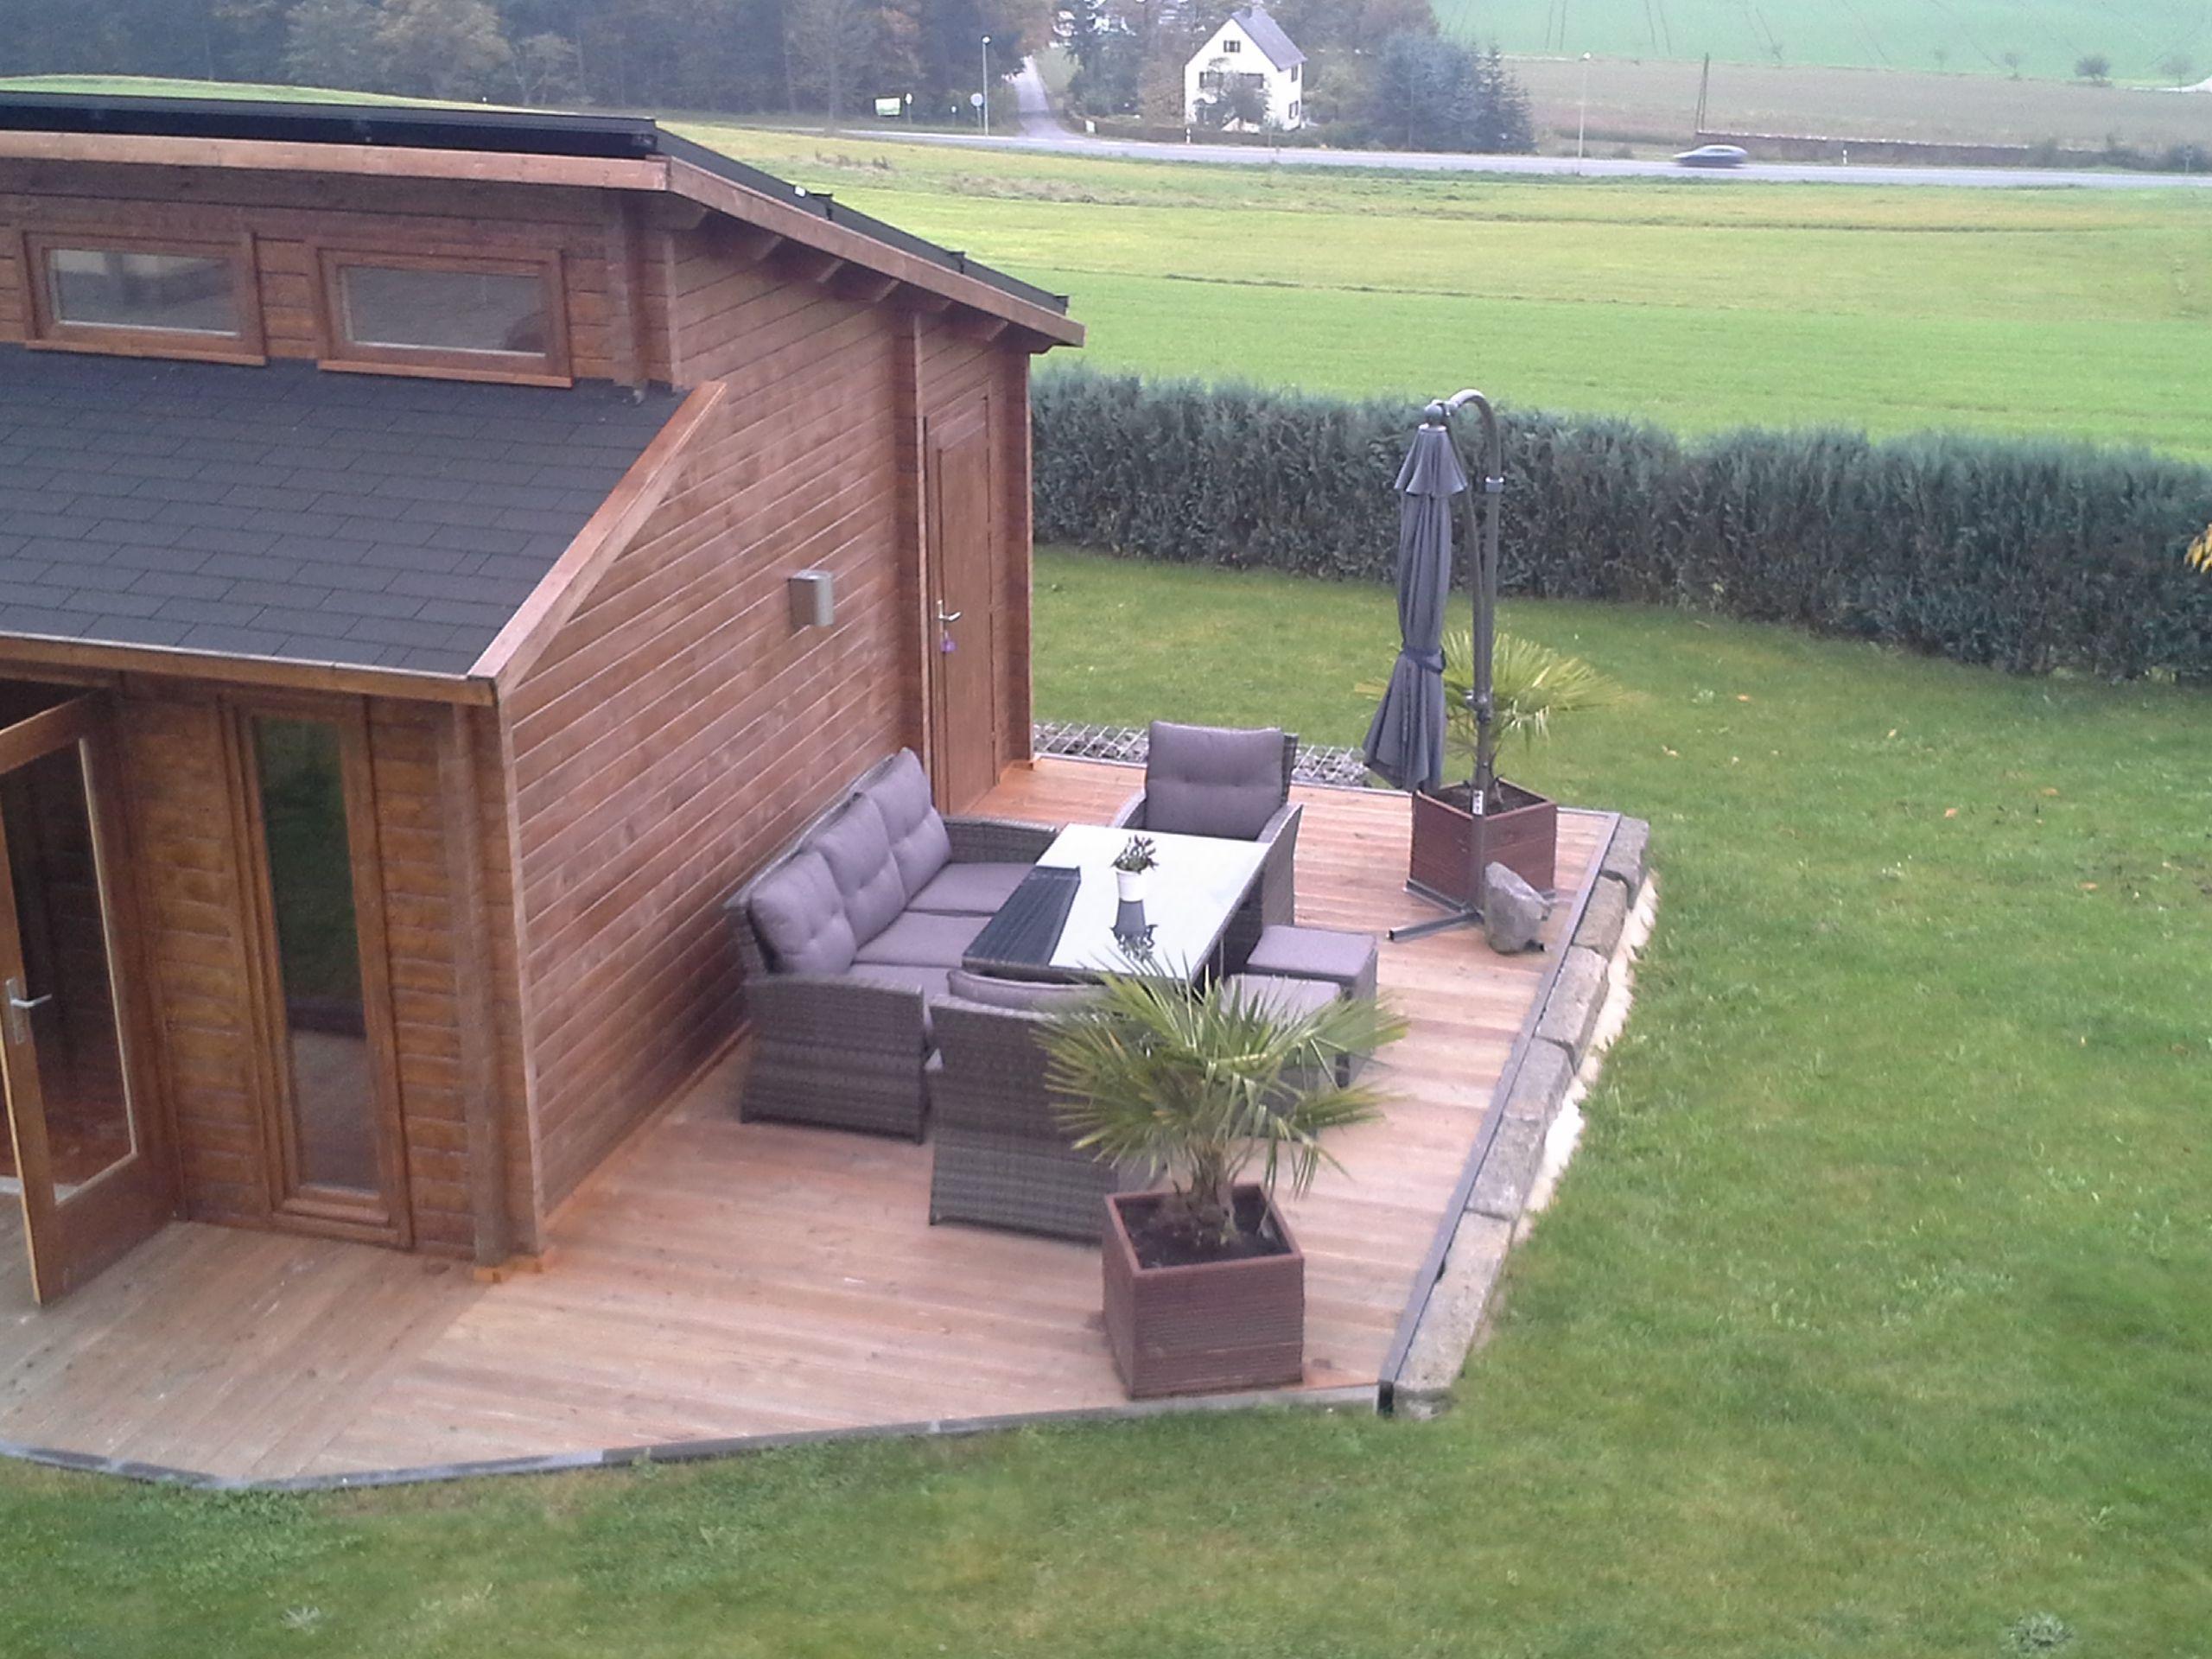 Pultdach Gartenhaus mit moderner Holzterrasse und stylischen Rattan ...